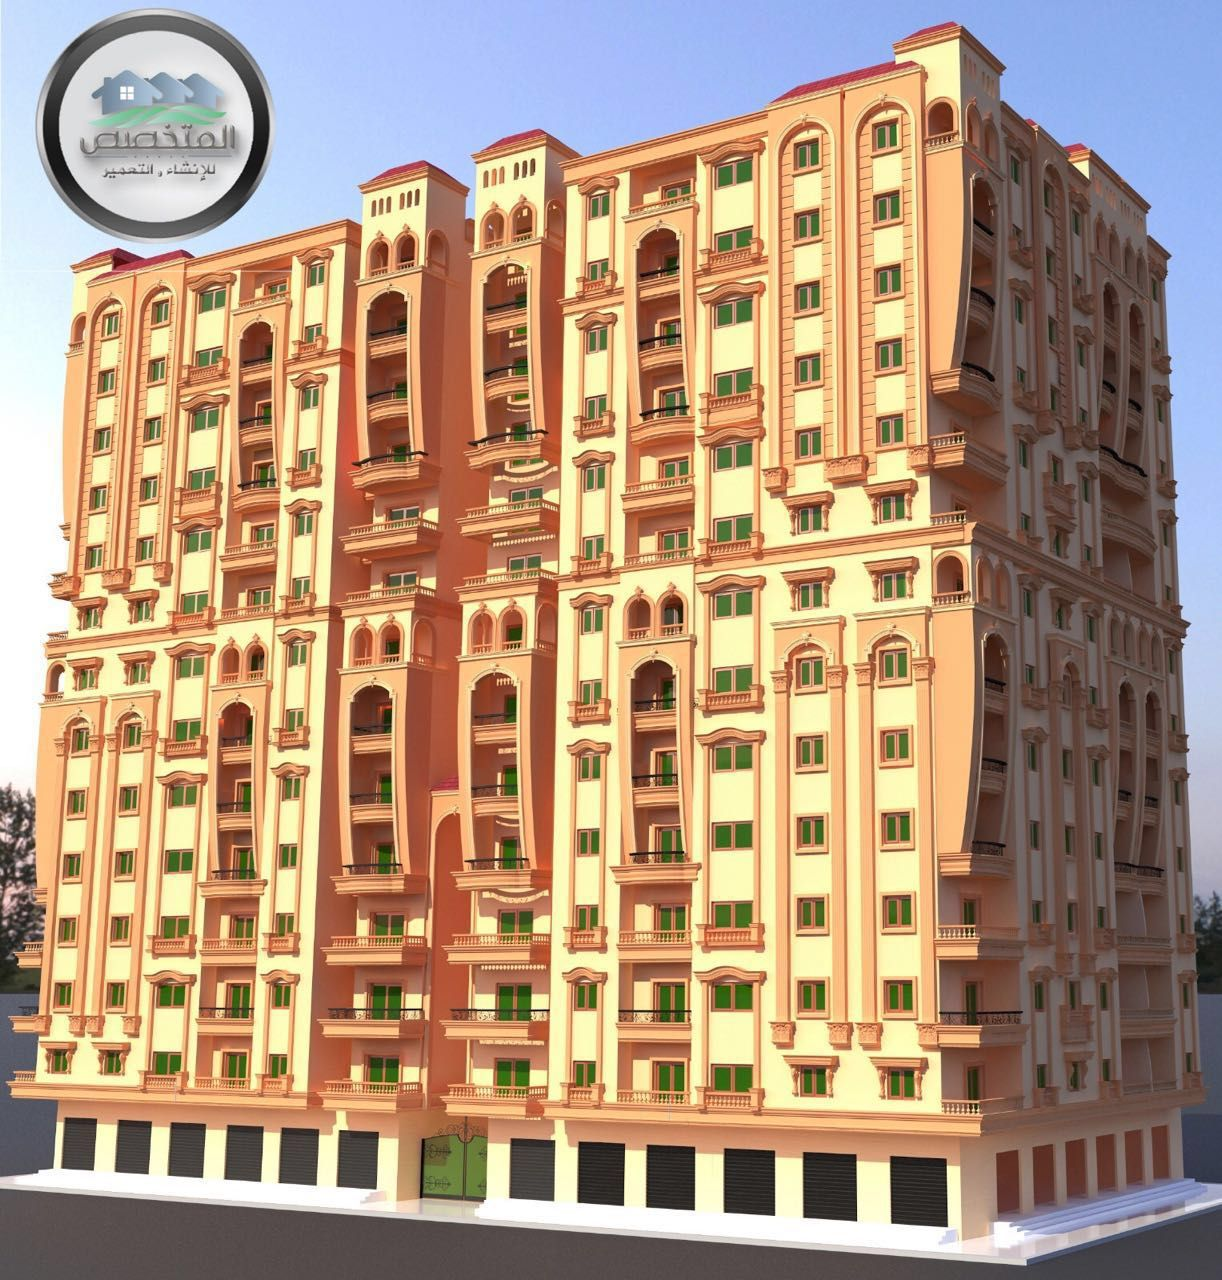 امتلك وحدتك مع رمال 125م بمقدم 125 الف والباقي تقسيط واسكن بالقرب من كارفور العبور Apartments For Sale Real Estate City